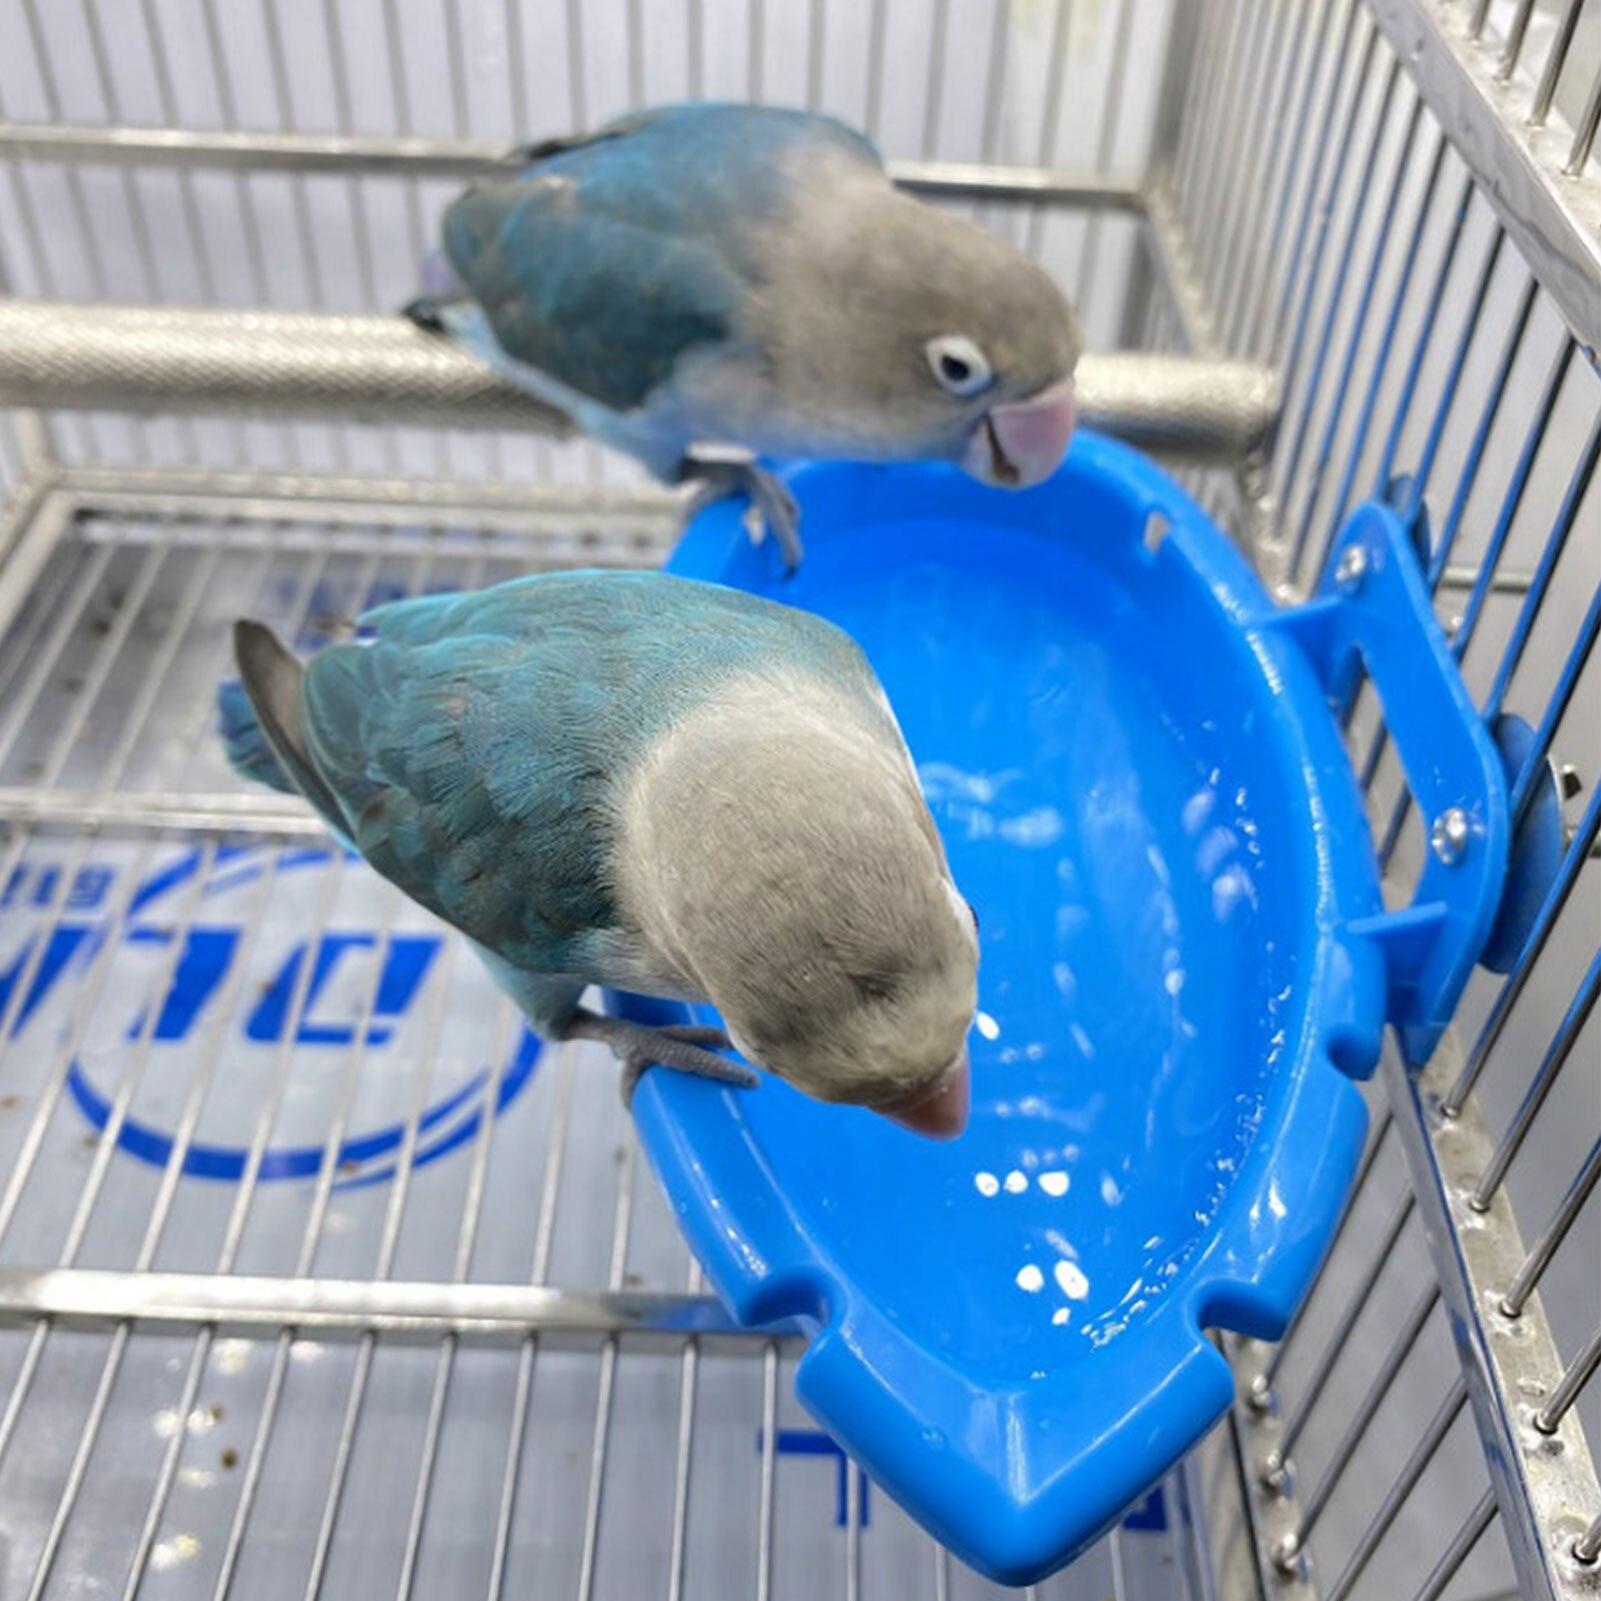 Bird Baths Tub Bowl Basin Parrot Cage Hanging Bathing Box Bird Birdbath Tub Parrot Bath Supplies Bath Room Feeder 5